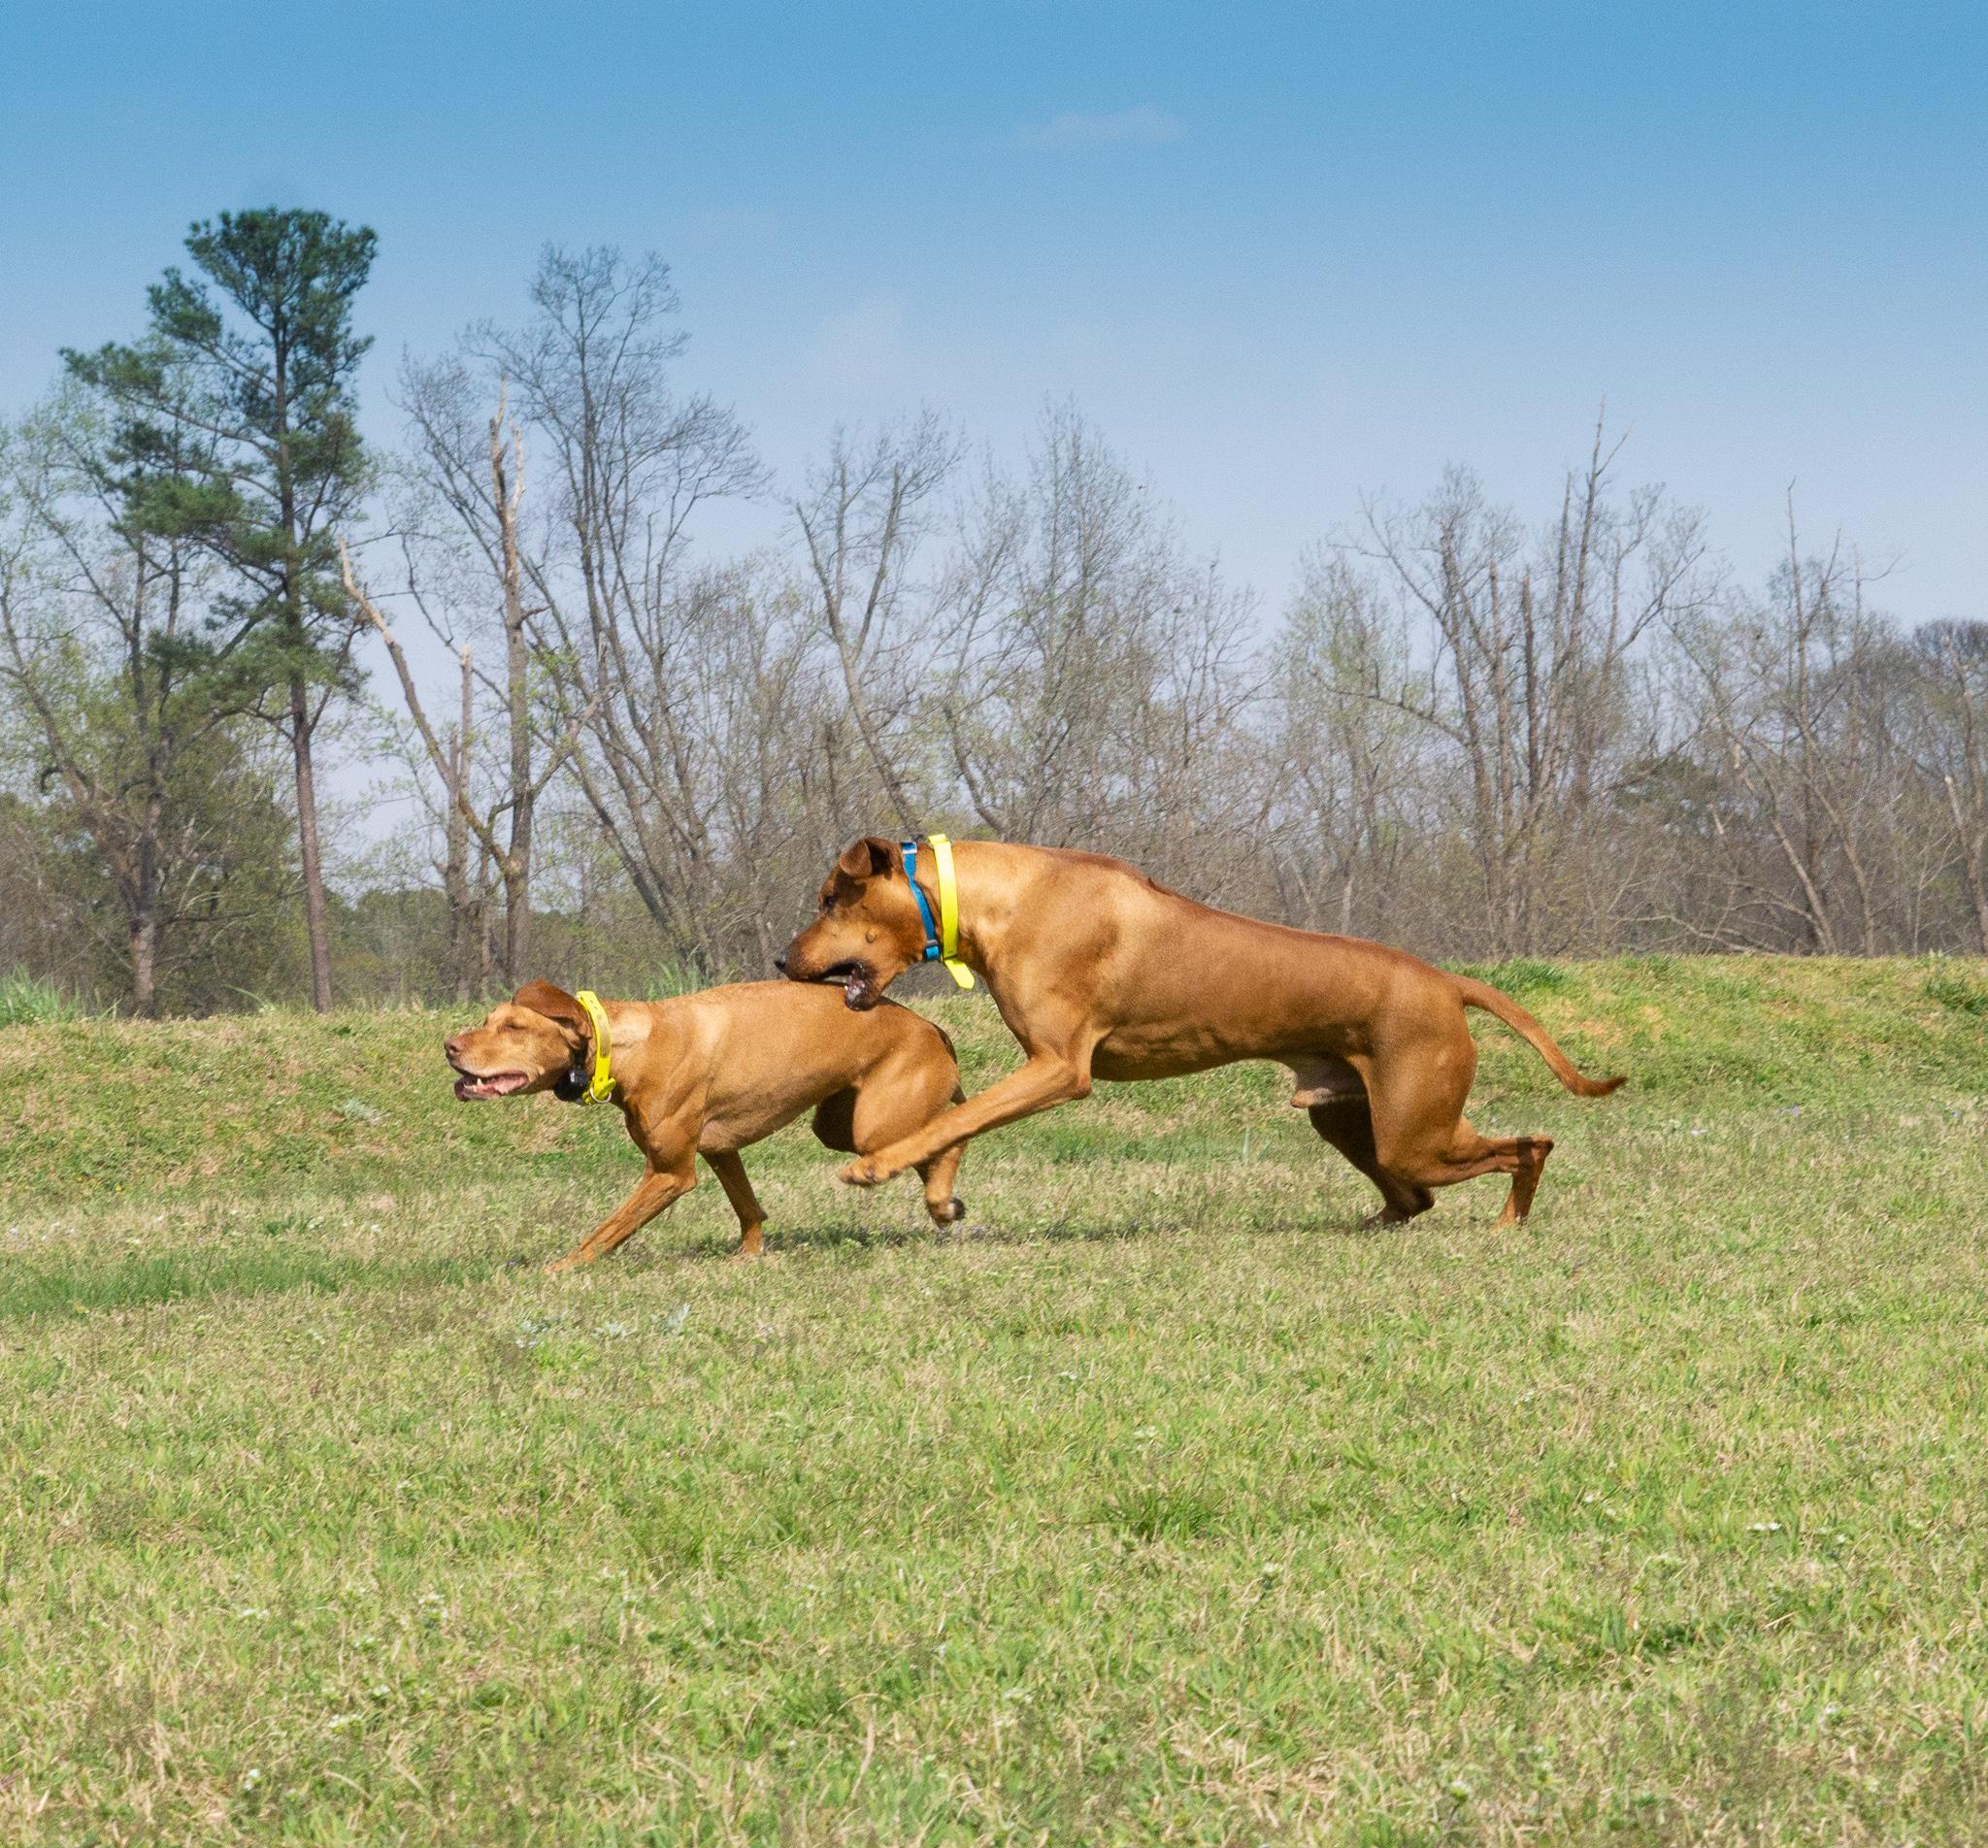 Dog Activities During Coronavirus